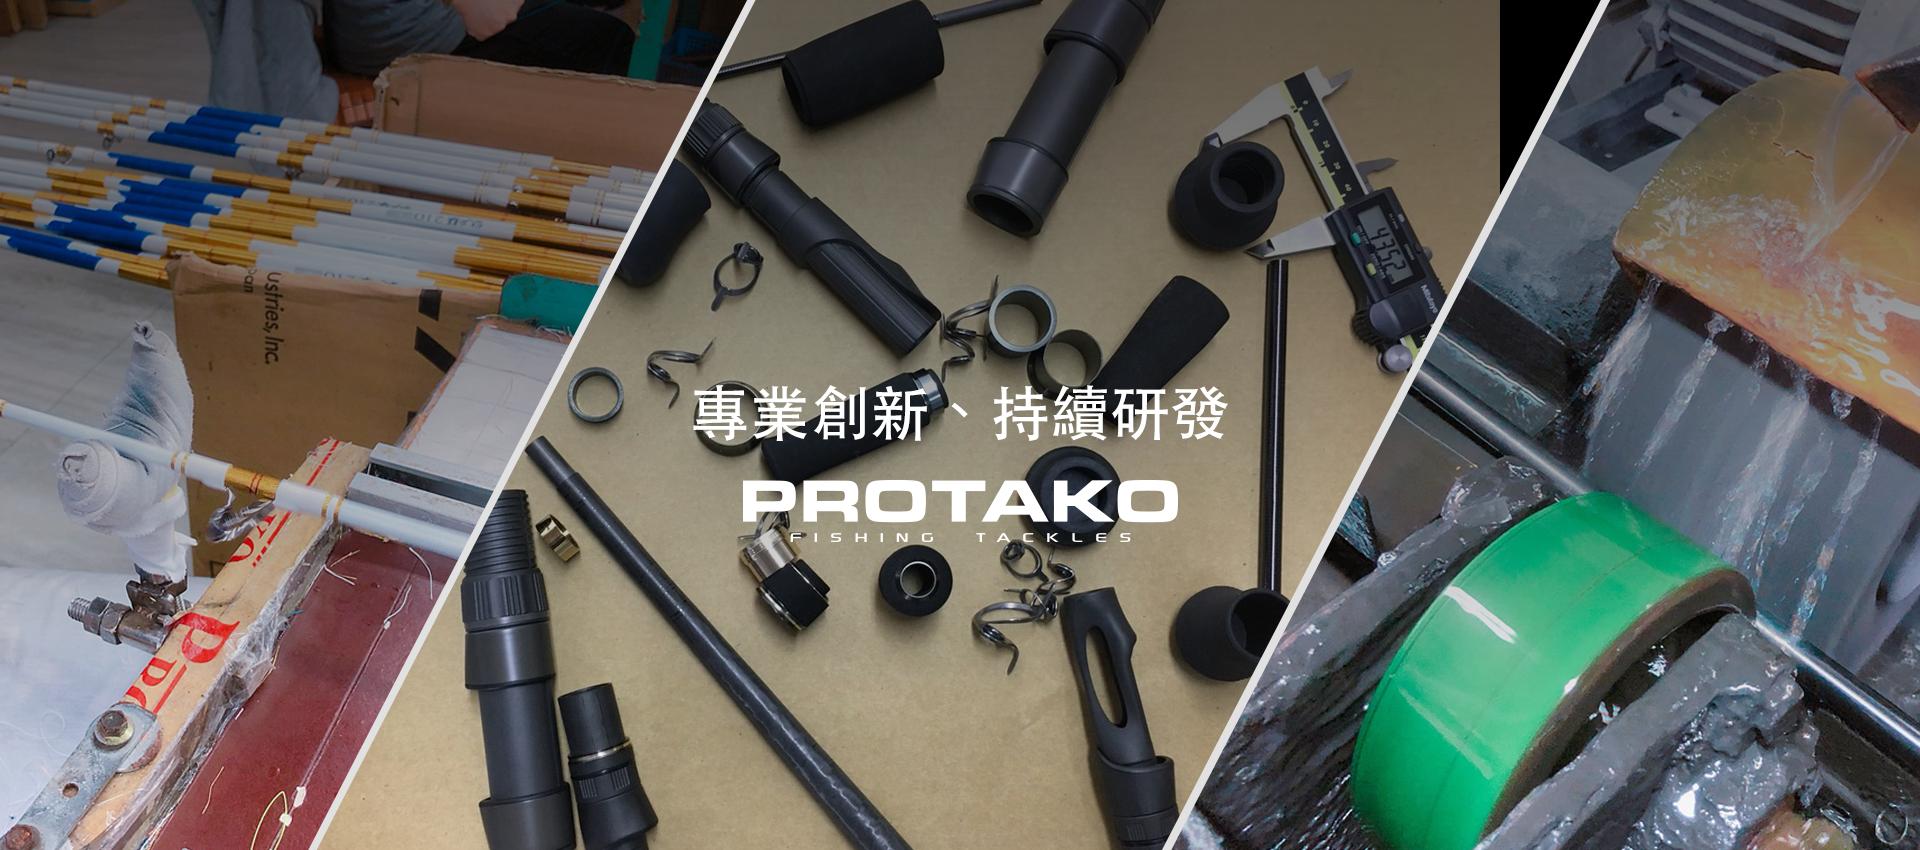 專業創新、持續研發 PROTAKO